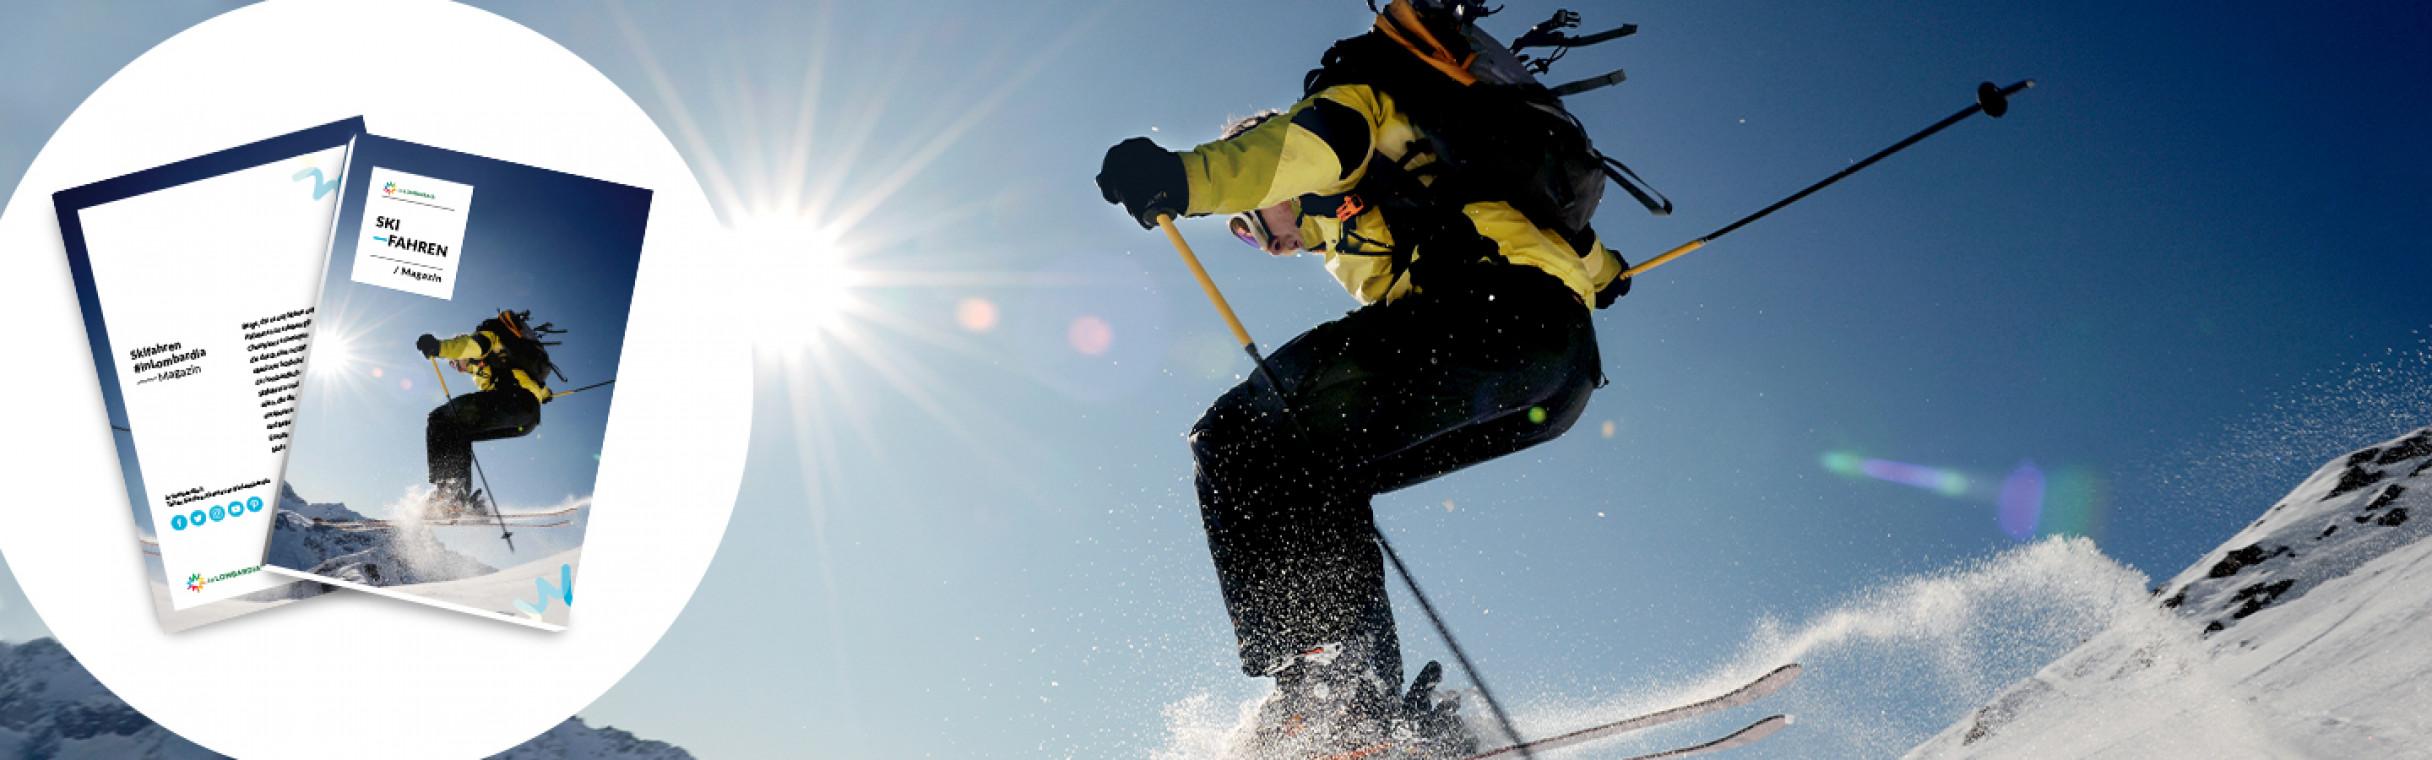 Laden Sie das Magazin herunter Skifahren!